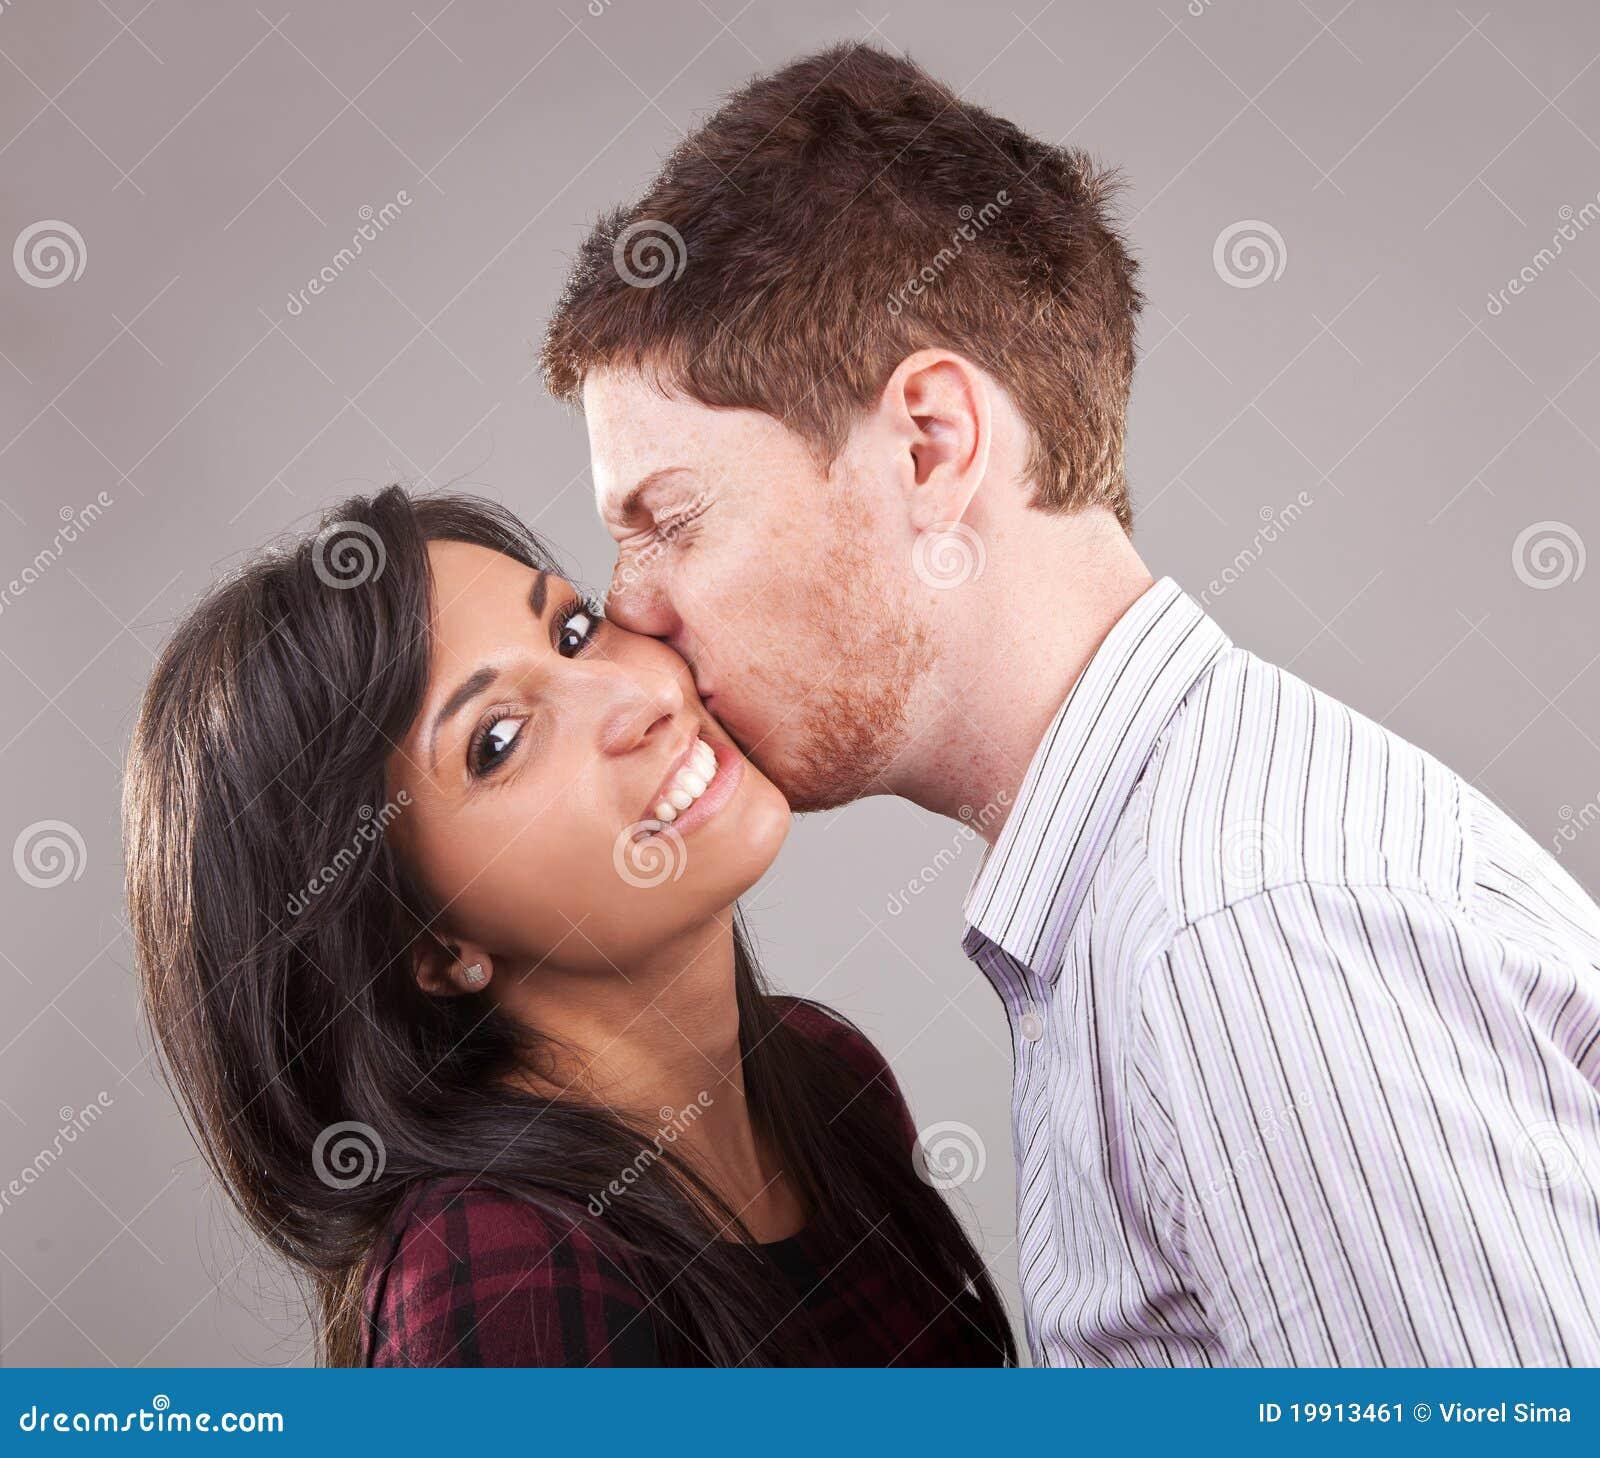 hot kisses dick men